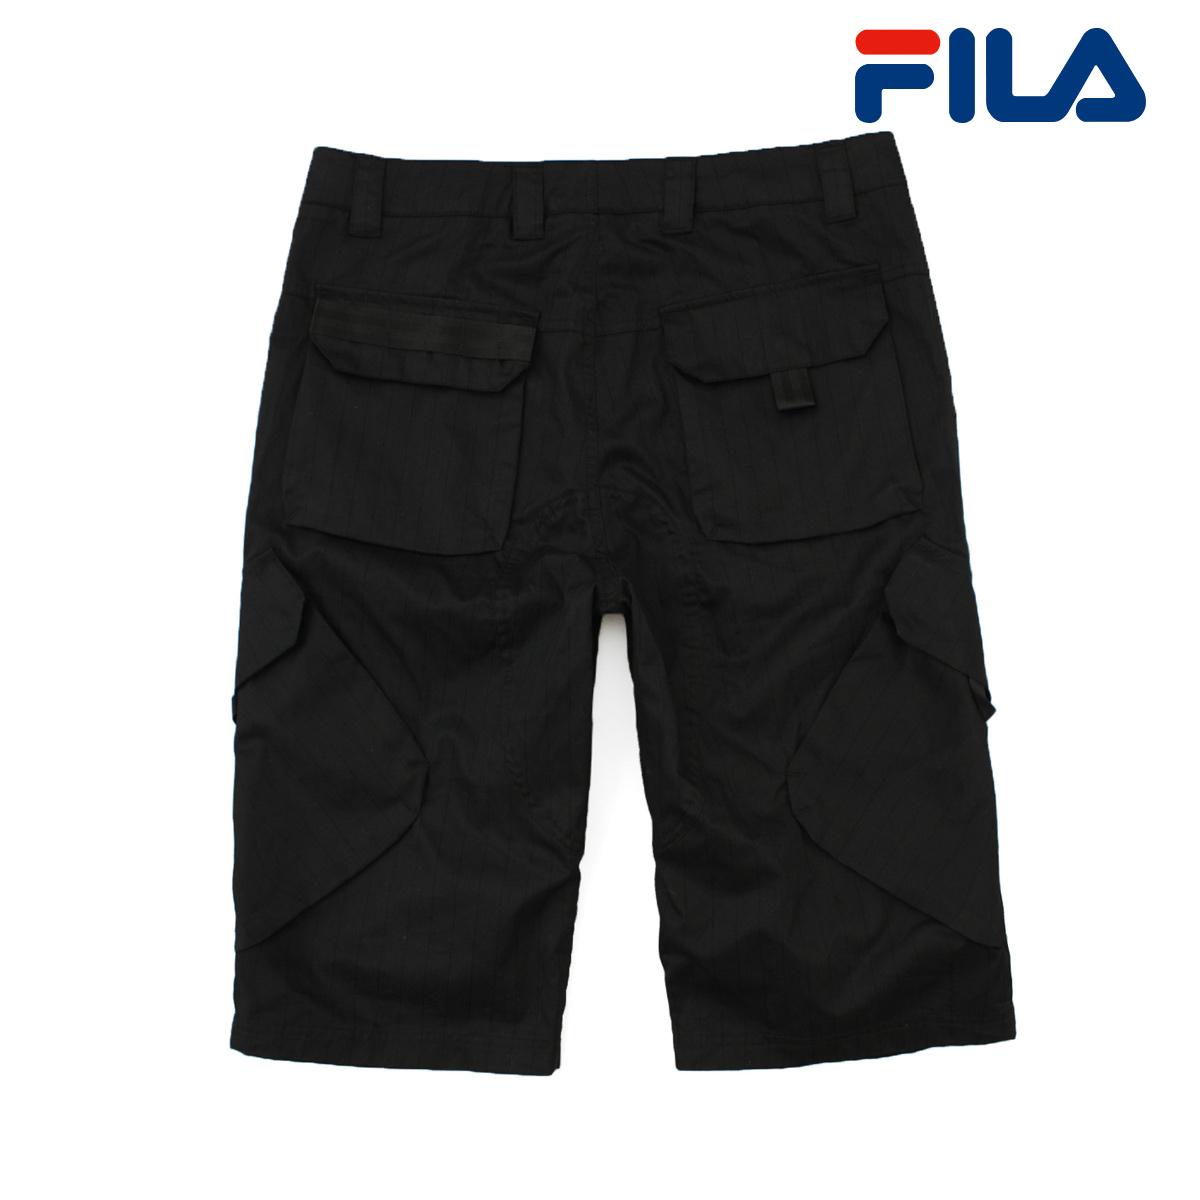 Спортивные шорты Fila 25111741/2 25111741-2 Для мужчин